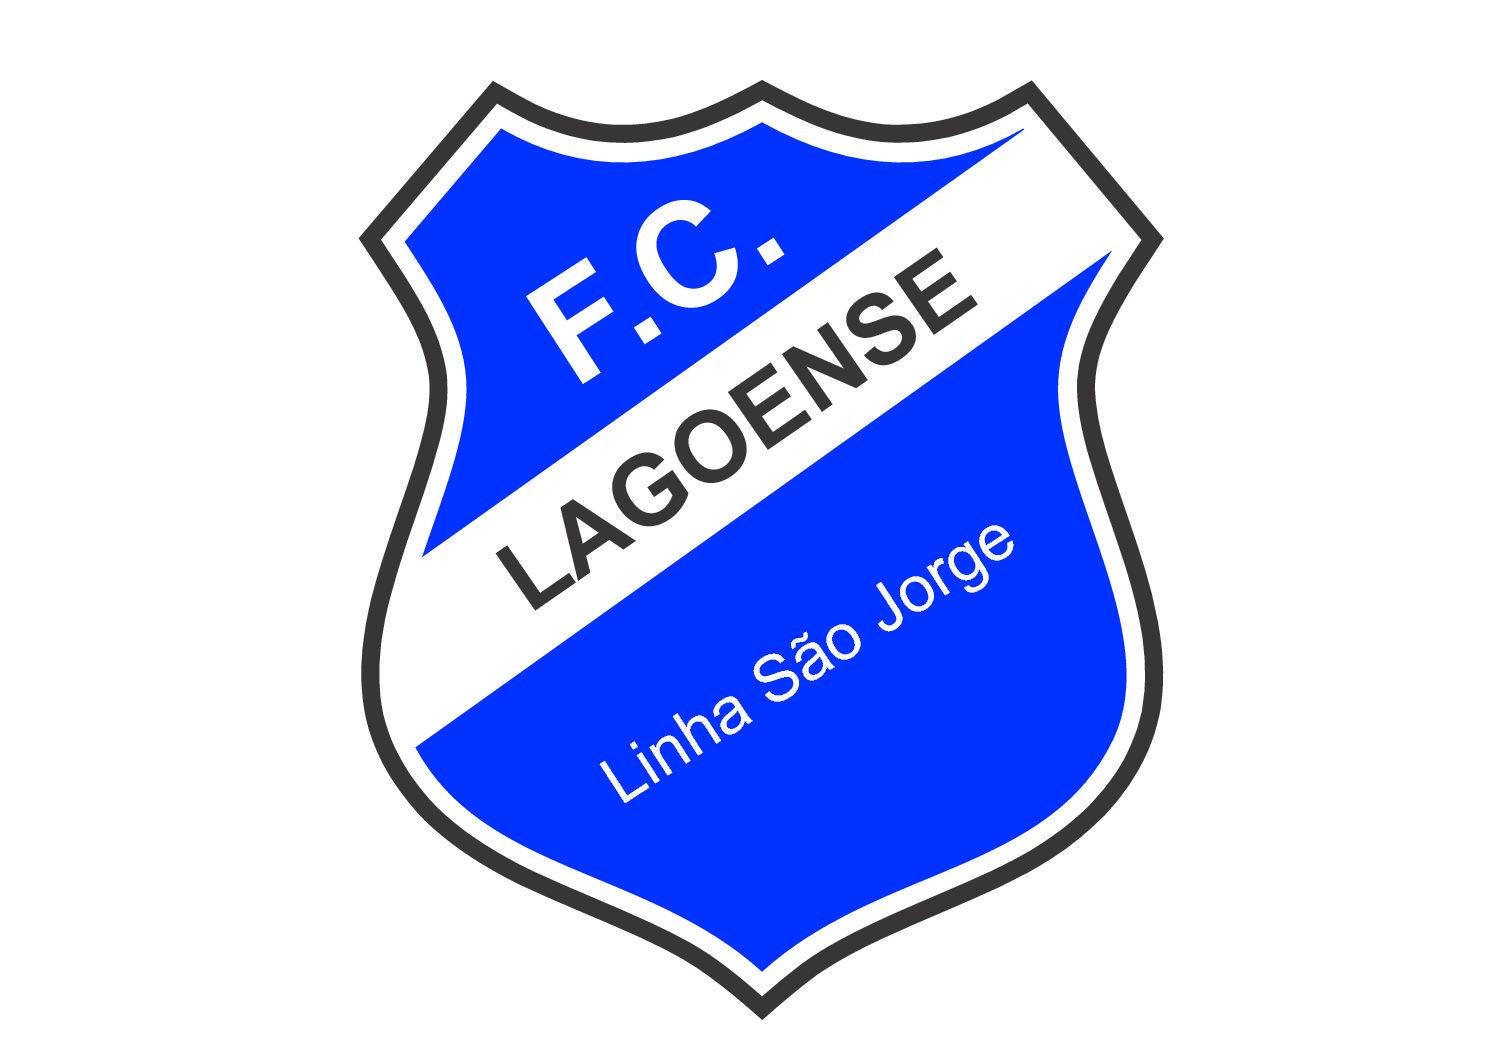 FARDAMENTO PARA EQUIPE DO LAGOENSE F.C DA LINHA SÃO JORGE DE CAMPOS BORGES/RS.